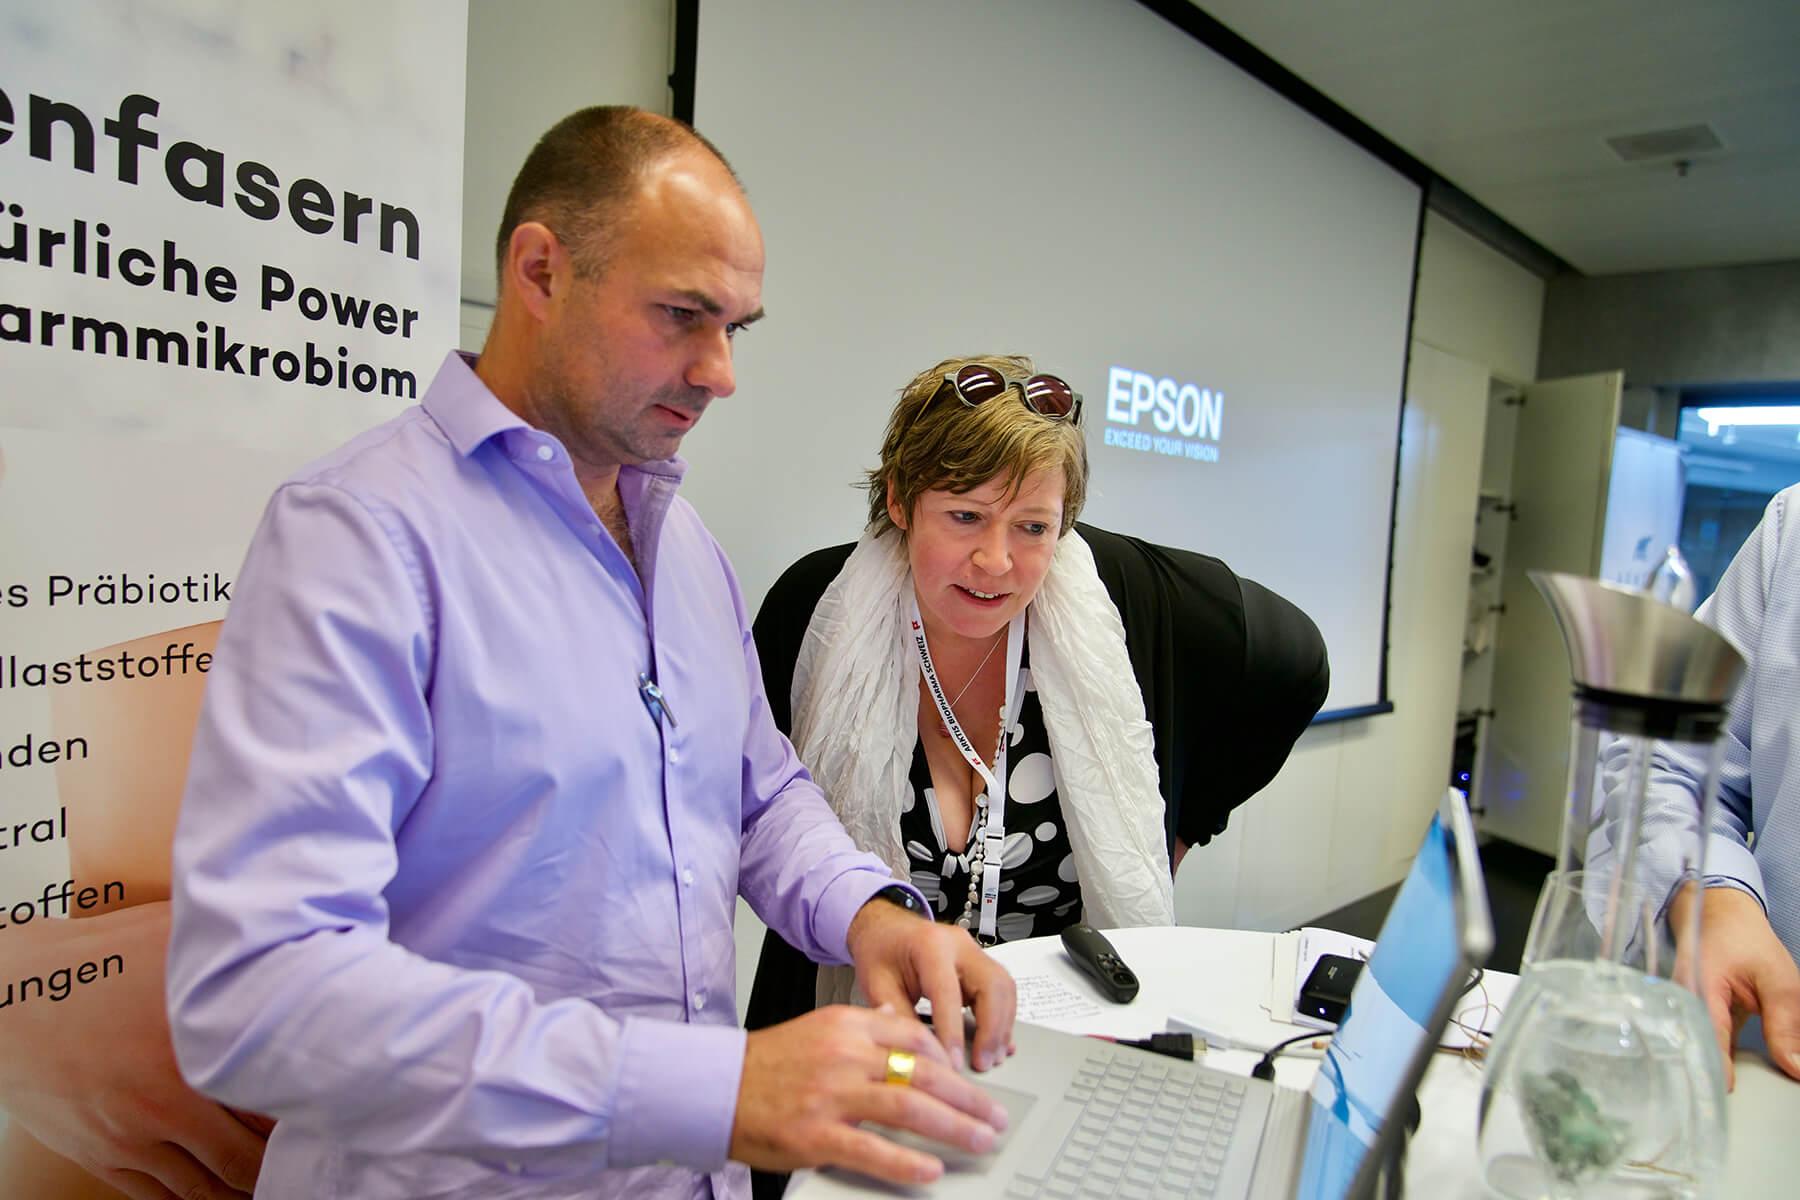 Mann und Frau schauen auf den Laptop